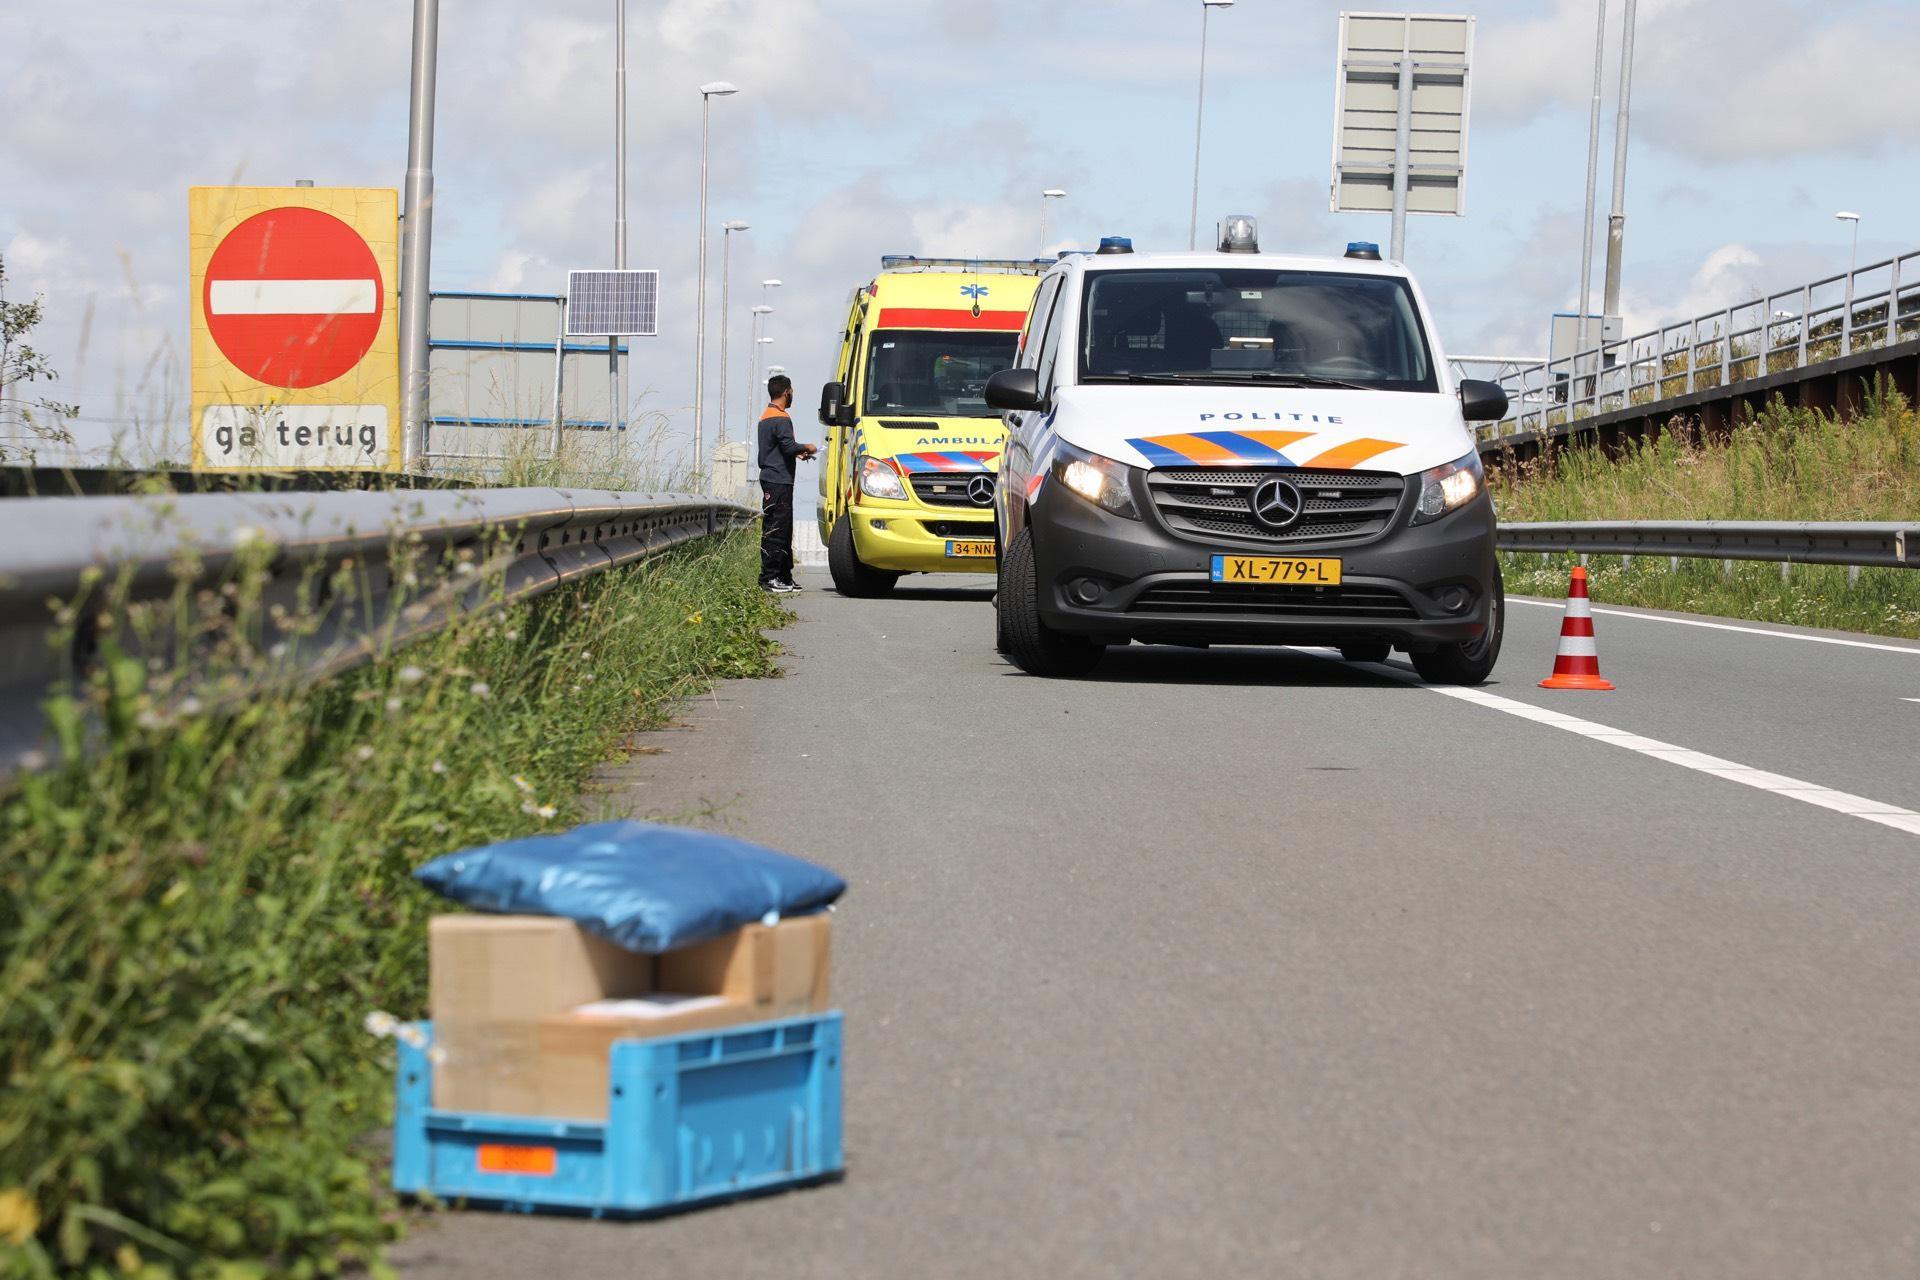 Pakketbezorger gewond bij aanrijding op A9 bij Haarlemmerliede